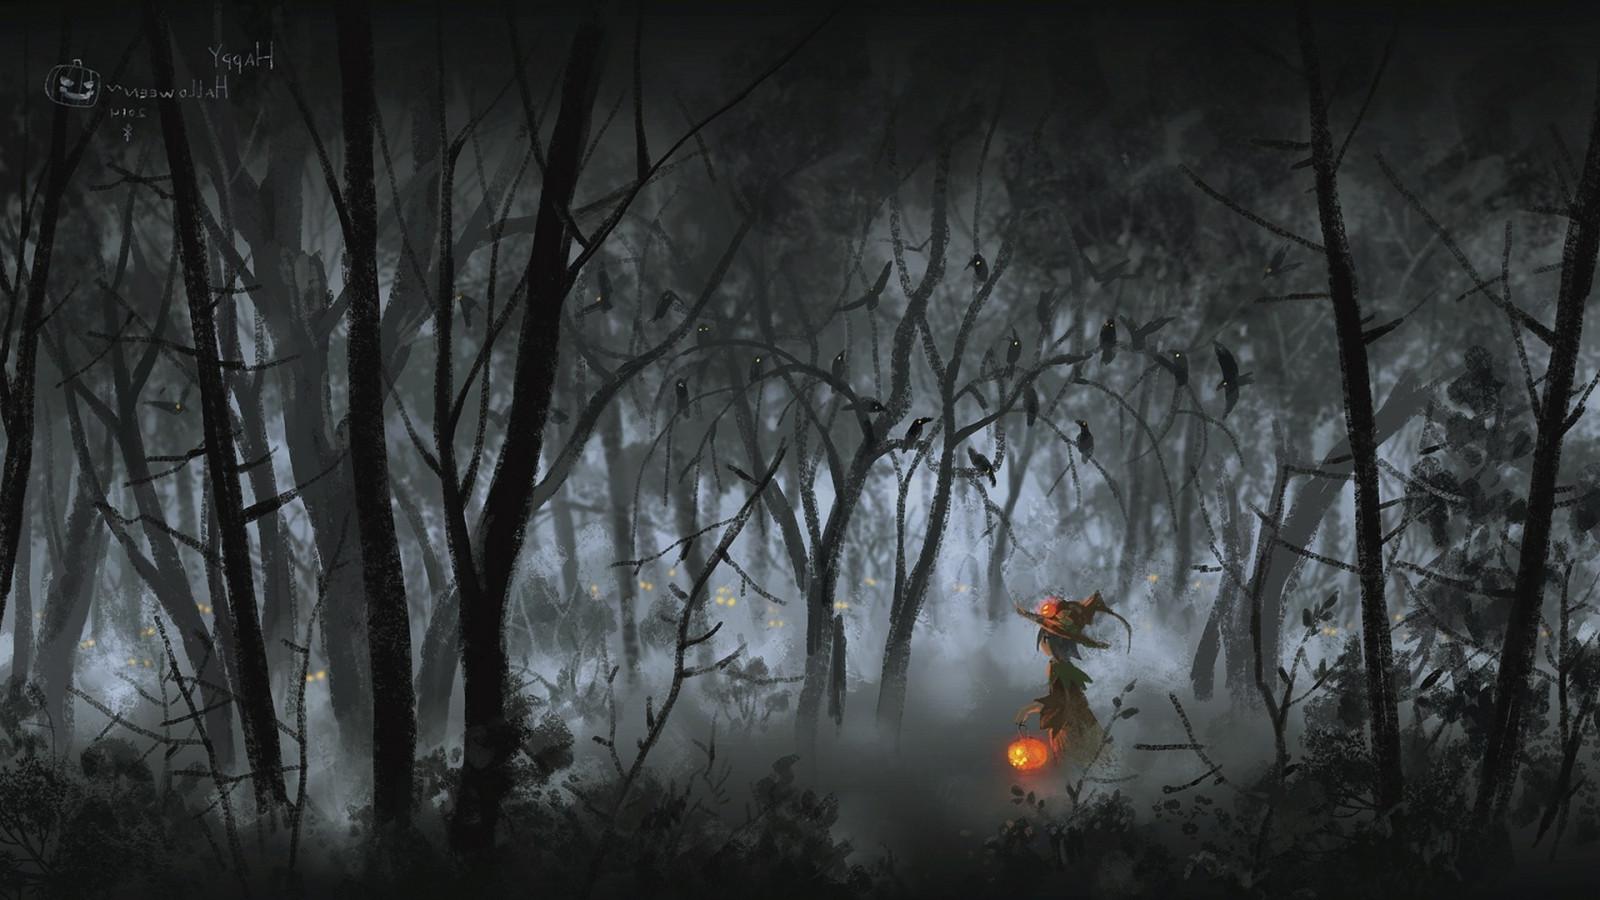 Wallpaper Sunlight Forest Fantasy Art Night Nature